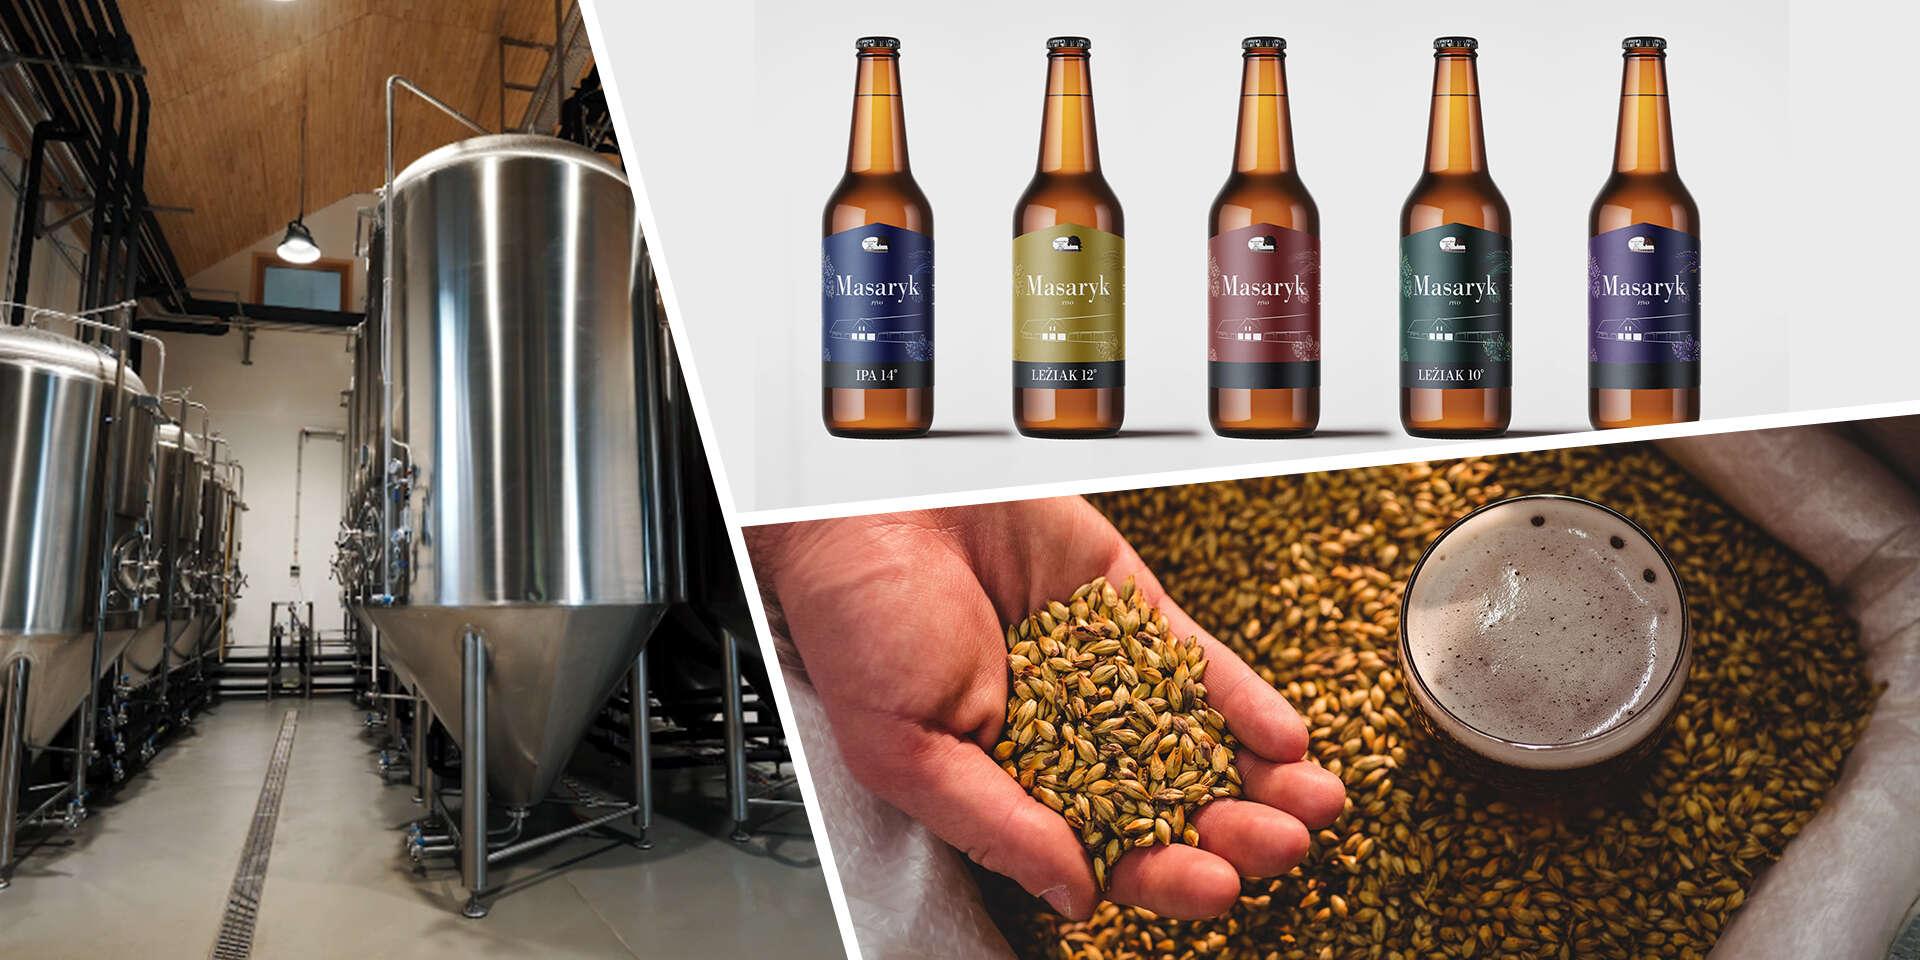 Prehliadka remeselného pivovaru Masarykov dvor s degustáciou živého piva